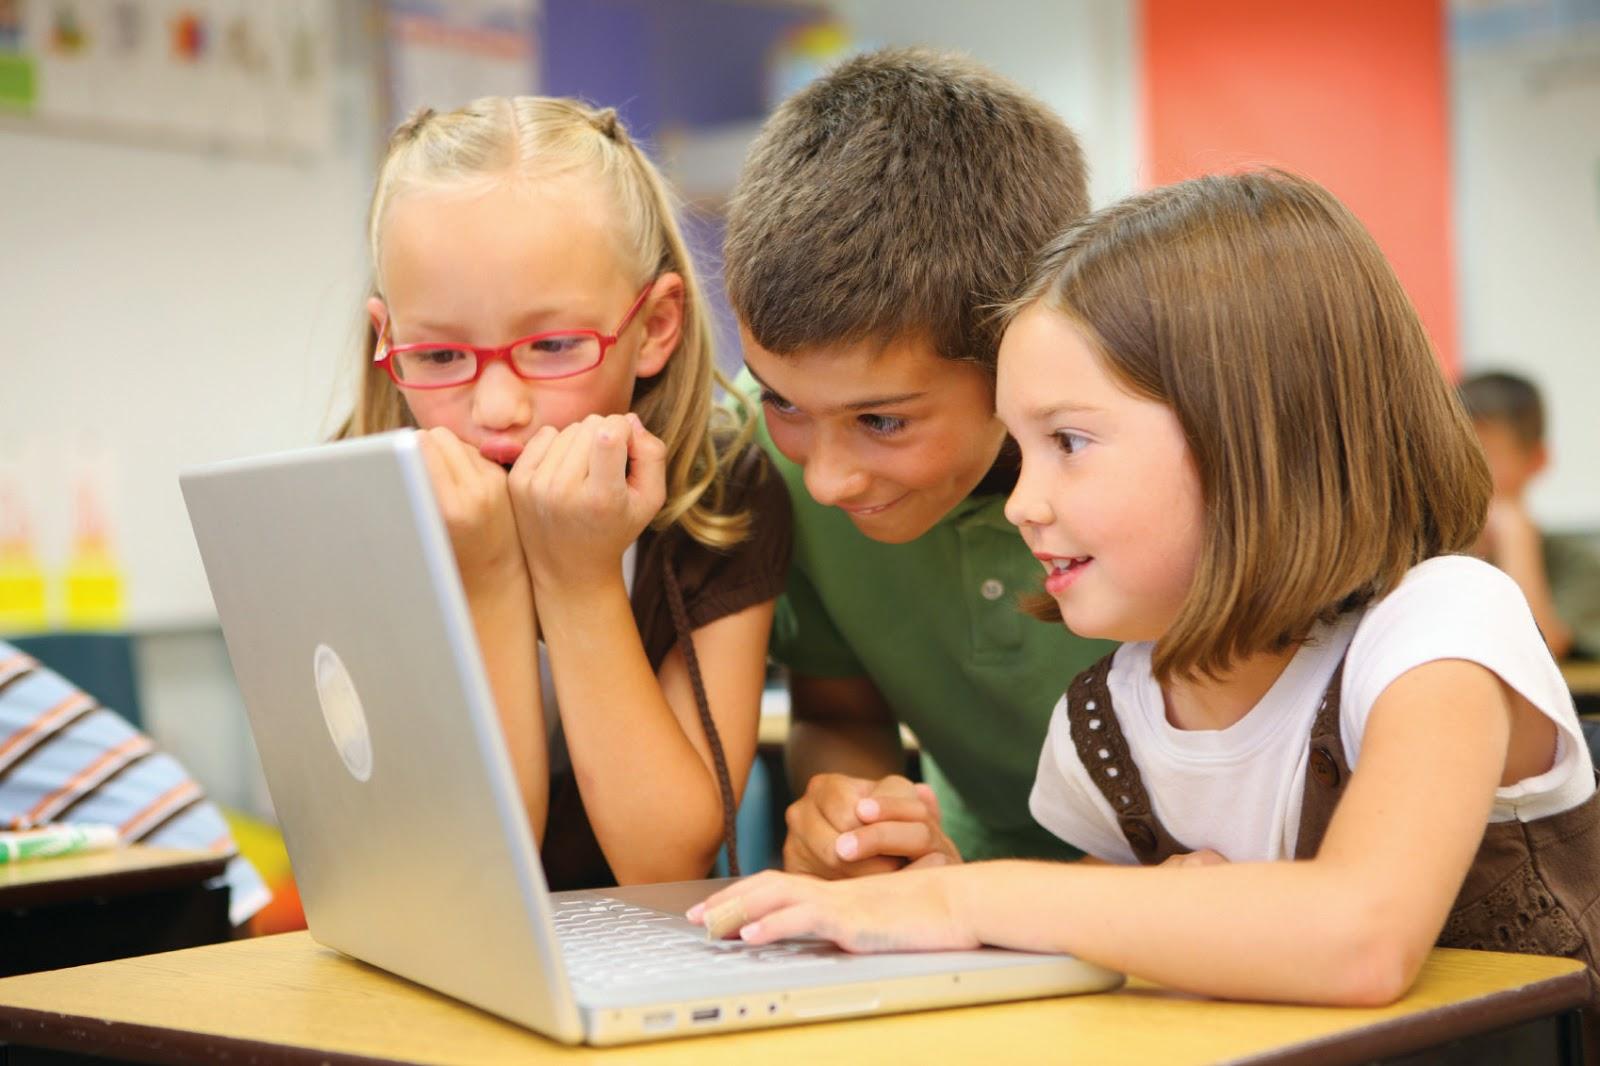 Cómo afecta la tecnología el aprendizaje